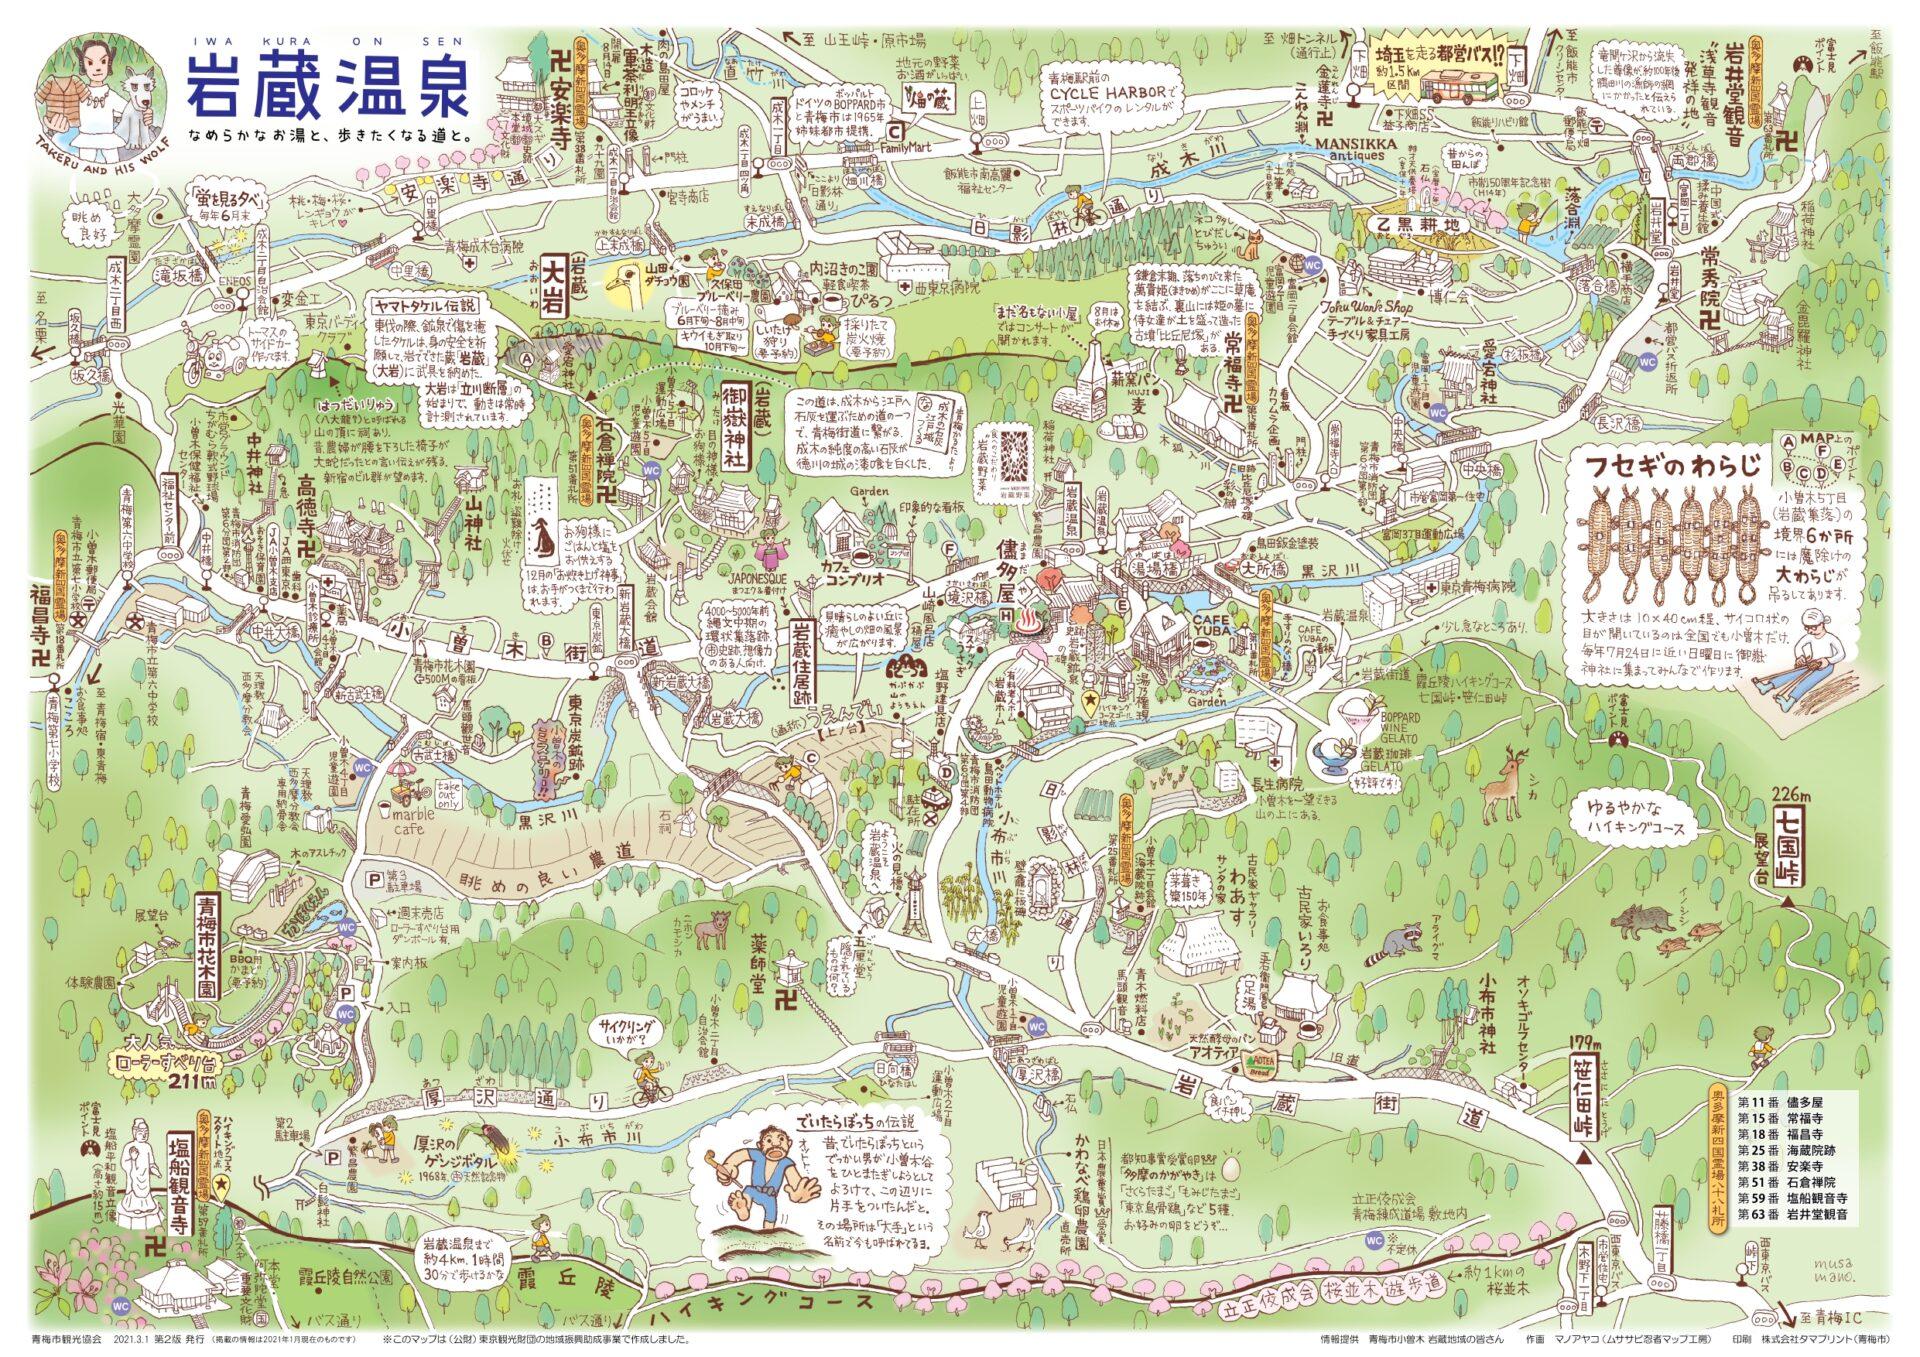 岩蔵温泉周辺MAP第2版